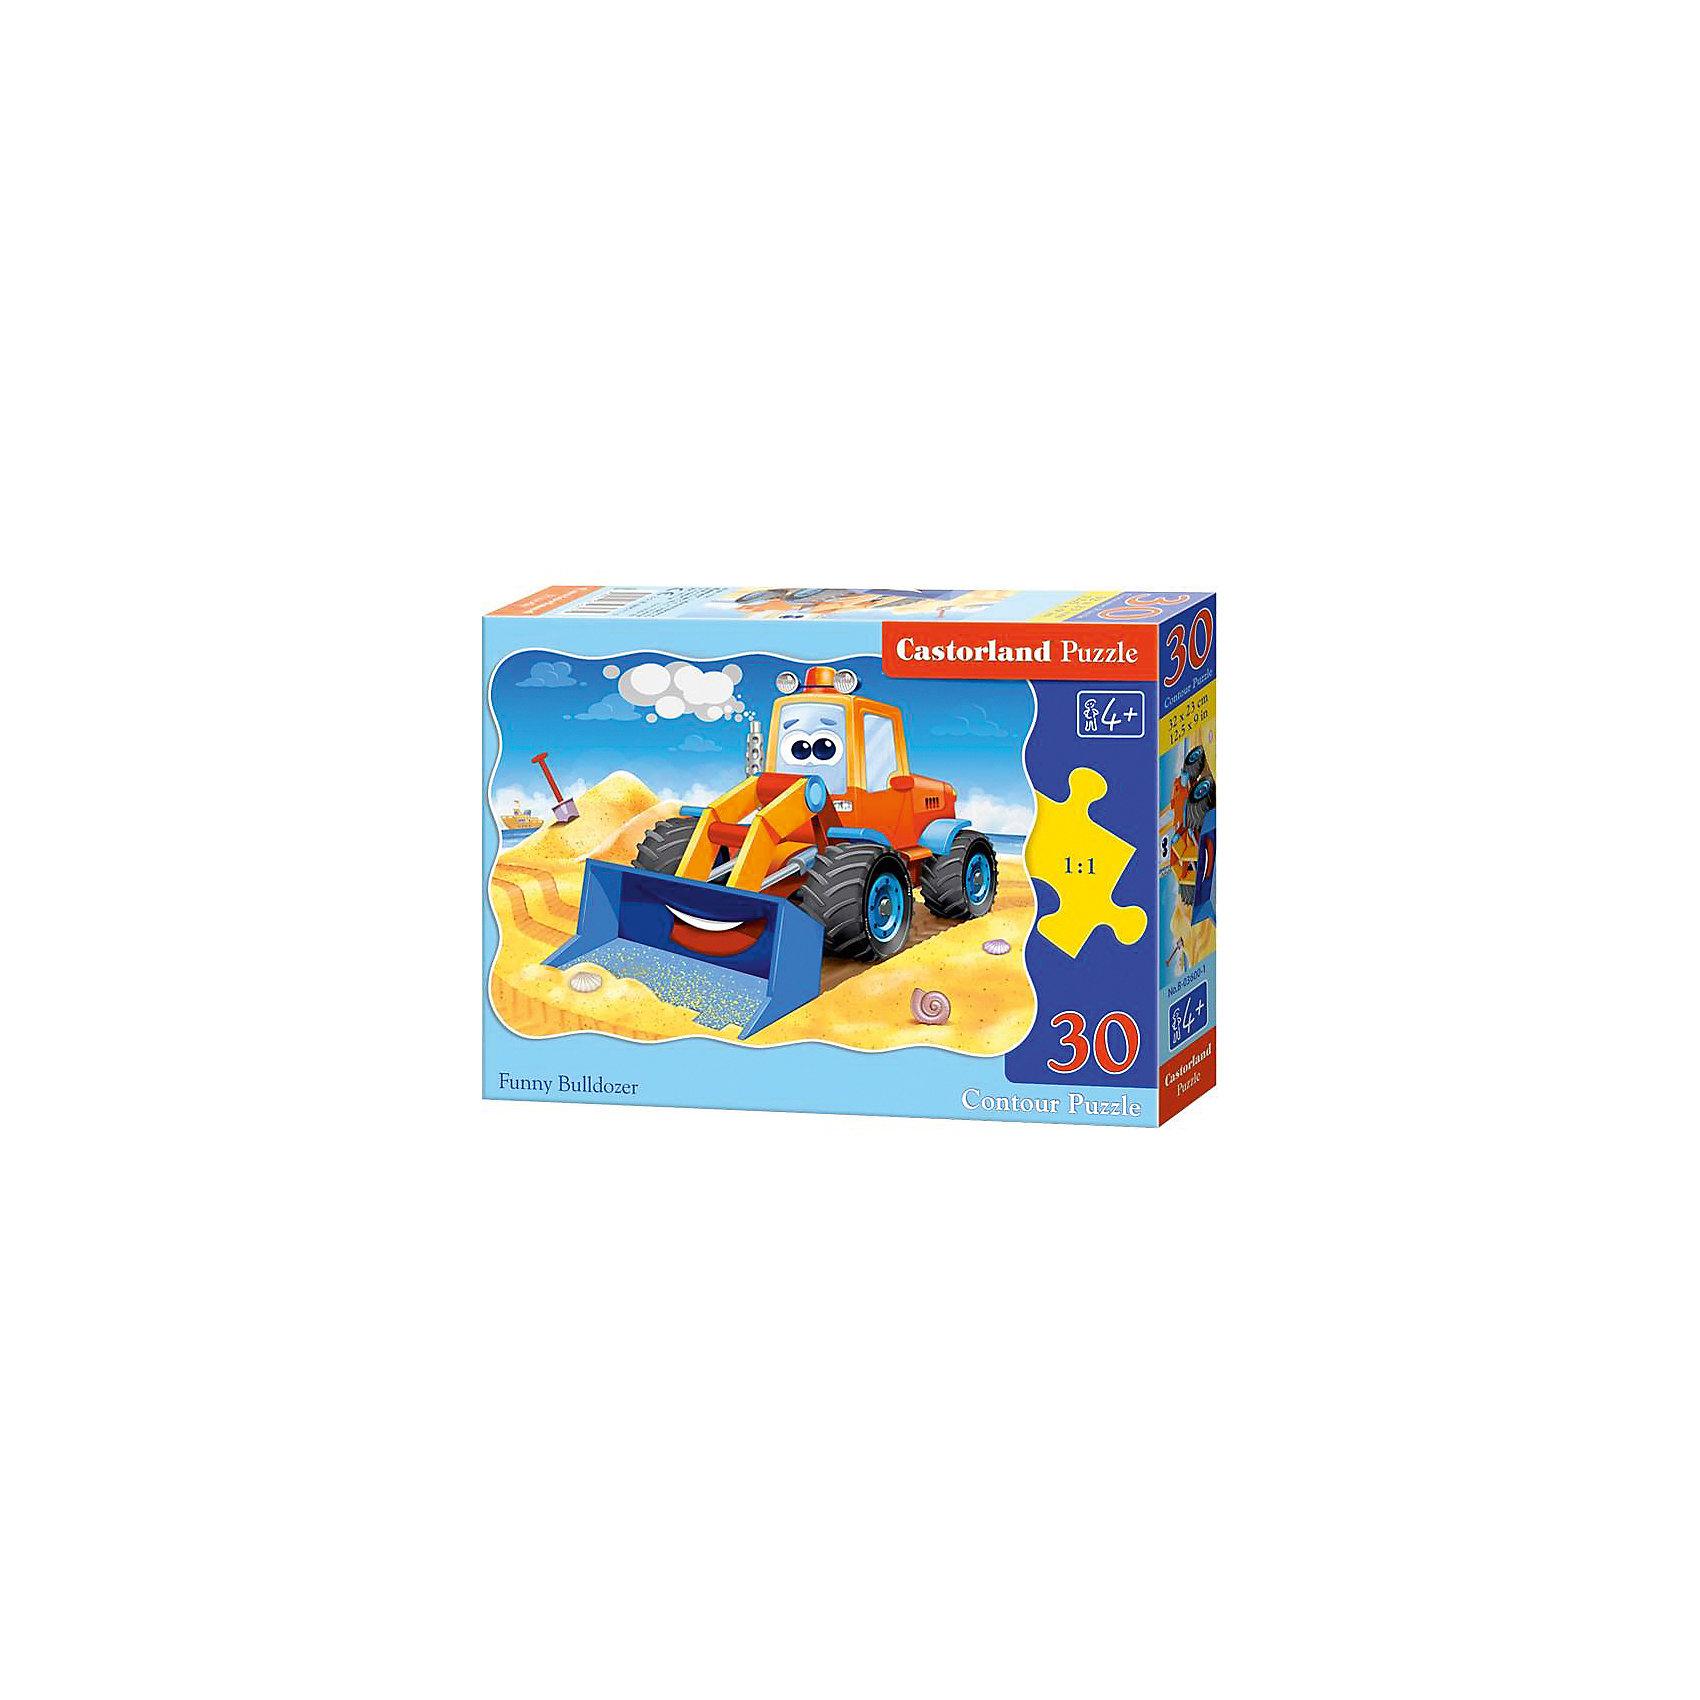 Пазл Castorland Бульдозер, 30 деталейКлассические пазлы<br>Характеристики:<br><br>• возраст: от 4 лет<br>• количество деталей: 30 шт.<br>• размер собранного пазла: 32х23 см.<br>• материал: картон<br>• упаковка: картонная коробка<br>• размер упаковки: 18x4x13 см.<br>• вес: 150 гр.<br>• страна обладатель бренда: Польша<br><br>Из 30 элементов пазла ребенок соберет красочную картинку с изображением веселого бульдозера. Благодаря фигурной форме картинки, процесс сбора элементов в одно изображение будет увлекательным и интересным.<br><br>Пазл Бульдозер, 30 деталей, Castorland (Касторленд) можно купить в нашем интернет-магазине.<br><br>Ширина мм: 180<br>Глубина мм: 130<br>Высота мм: 40<br>Вес г: 150<br>Возраст от месяцев: 48<br>Возраст до месяцев: 2147483647<br>Пол: Мужской<br>Возраст: Детский<br>SKU: 6725086